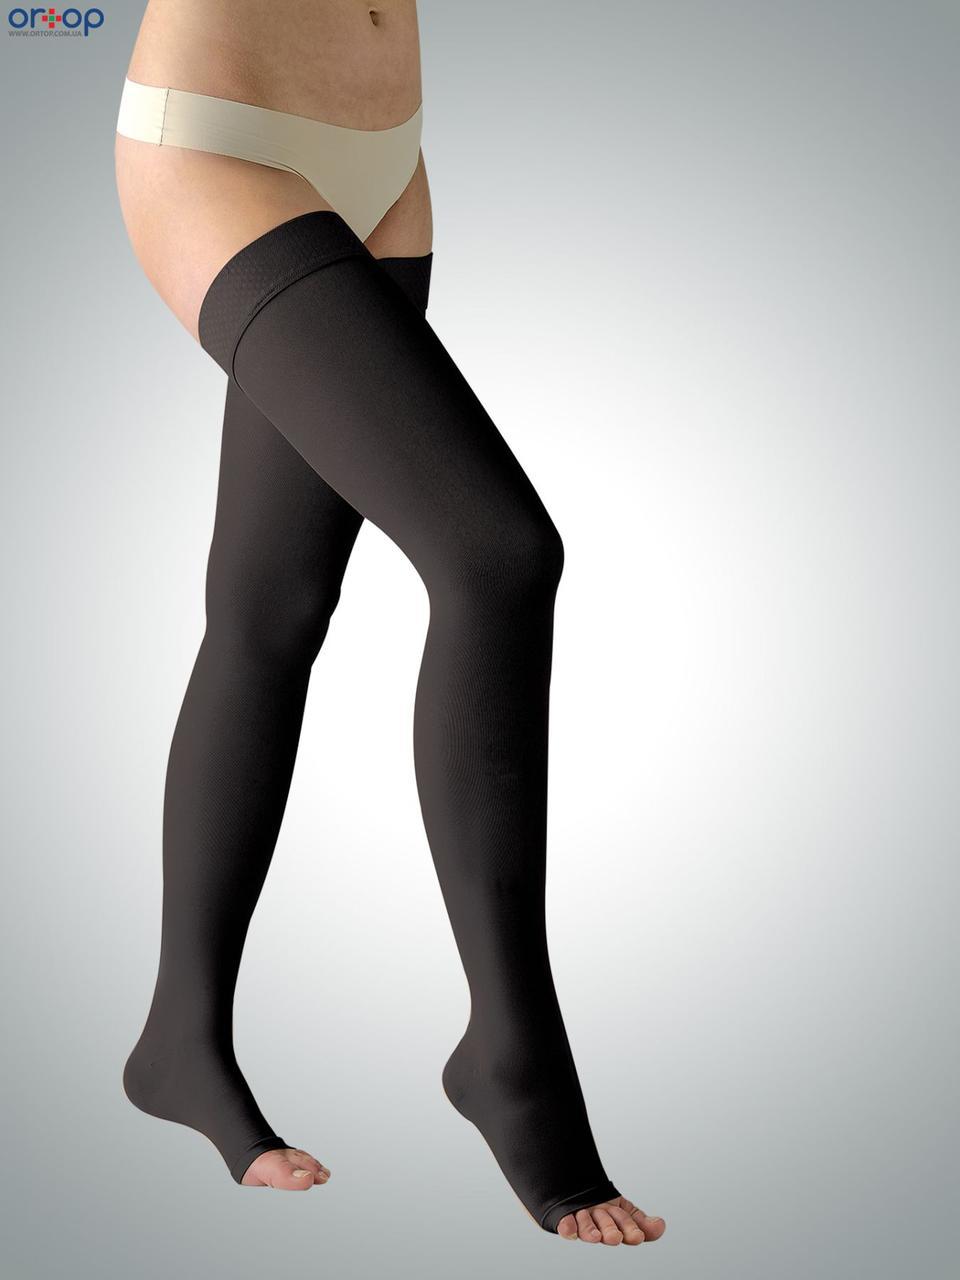 Чулки ARIES Avicenum (2 класс компрессии), открытый носк, рост - стандартный, цвет черный, размер 1